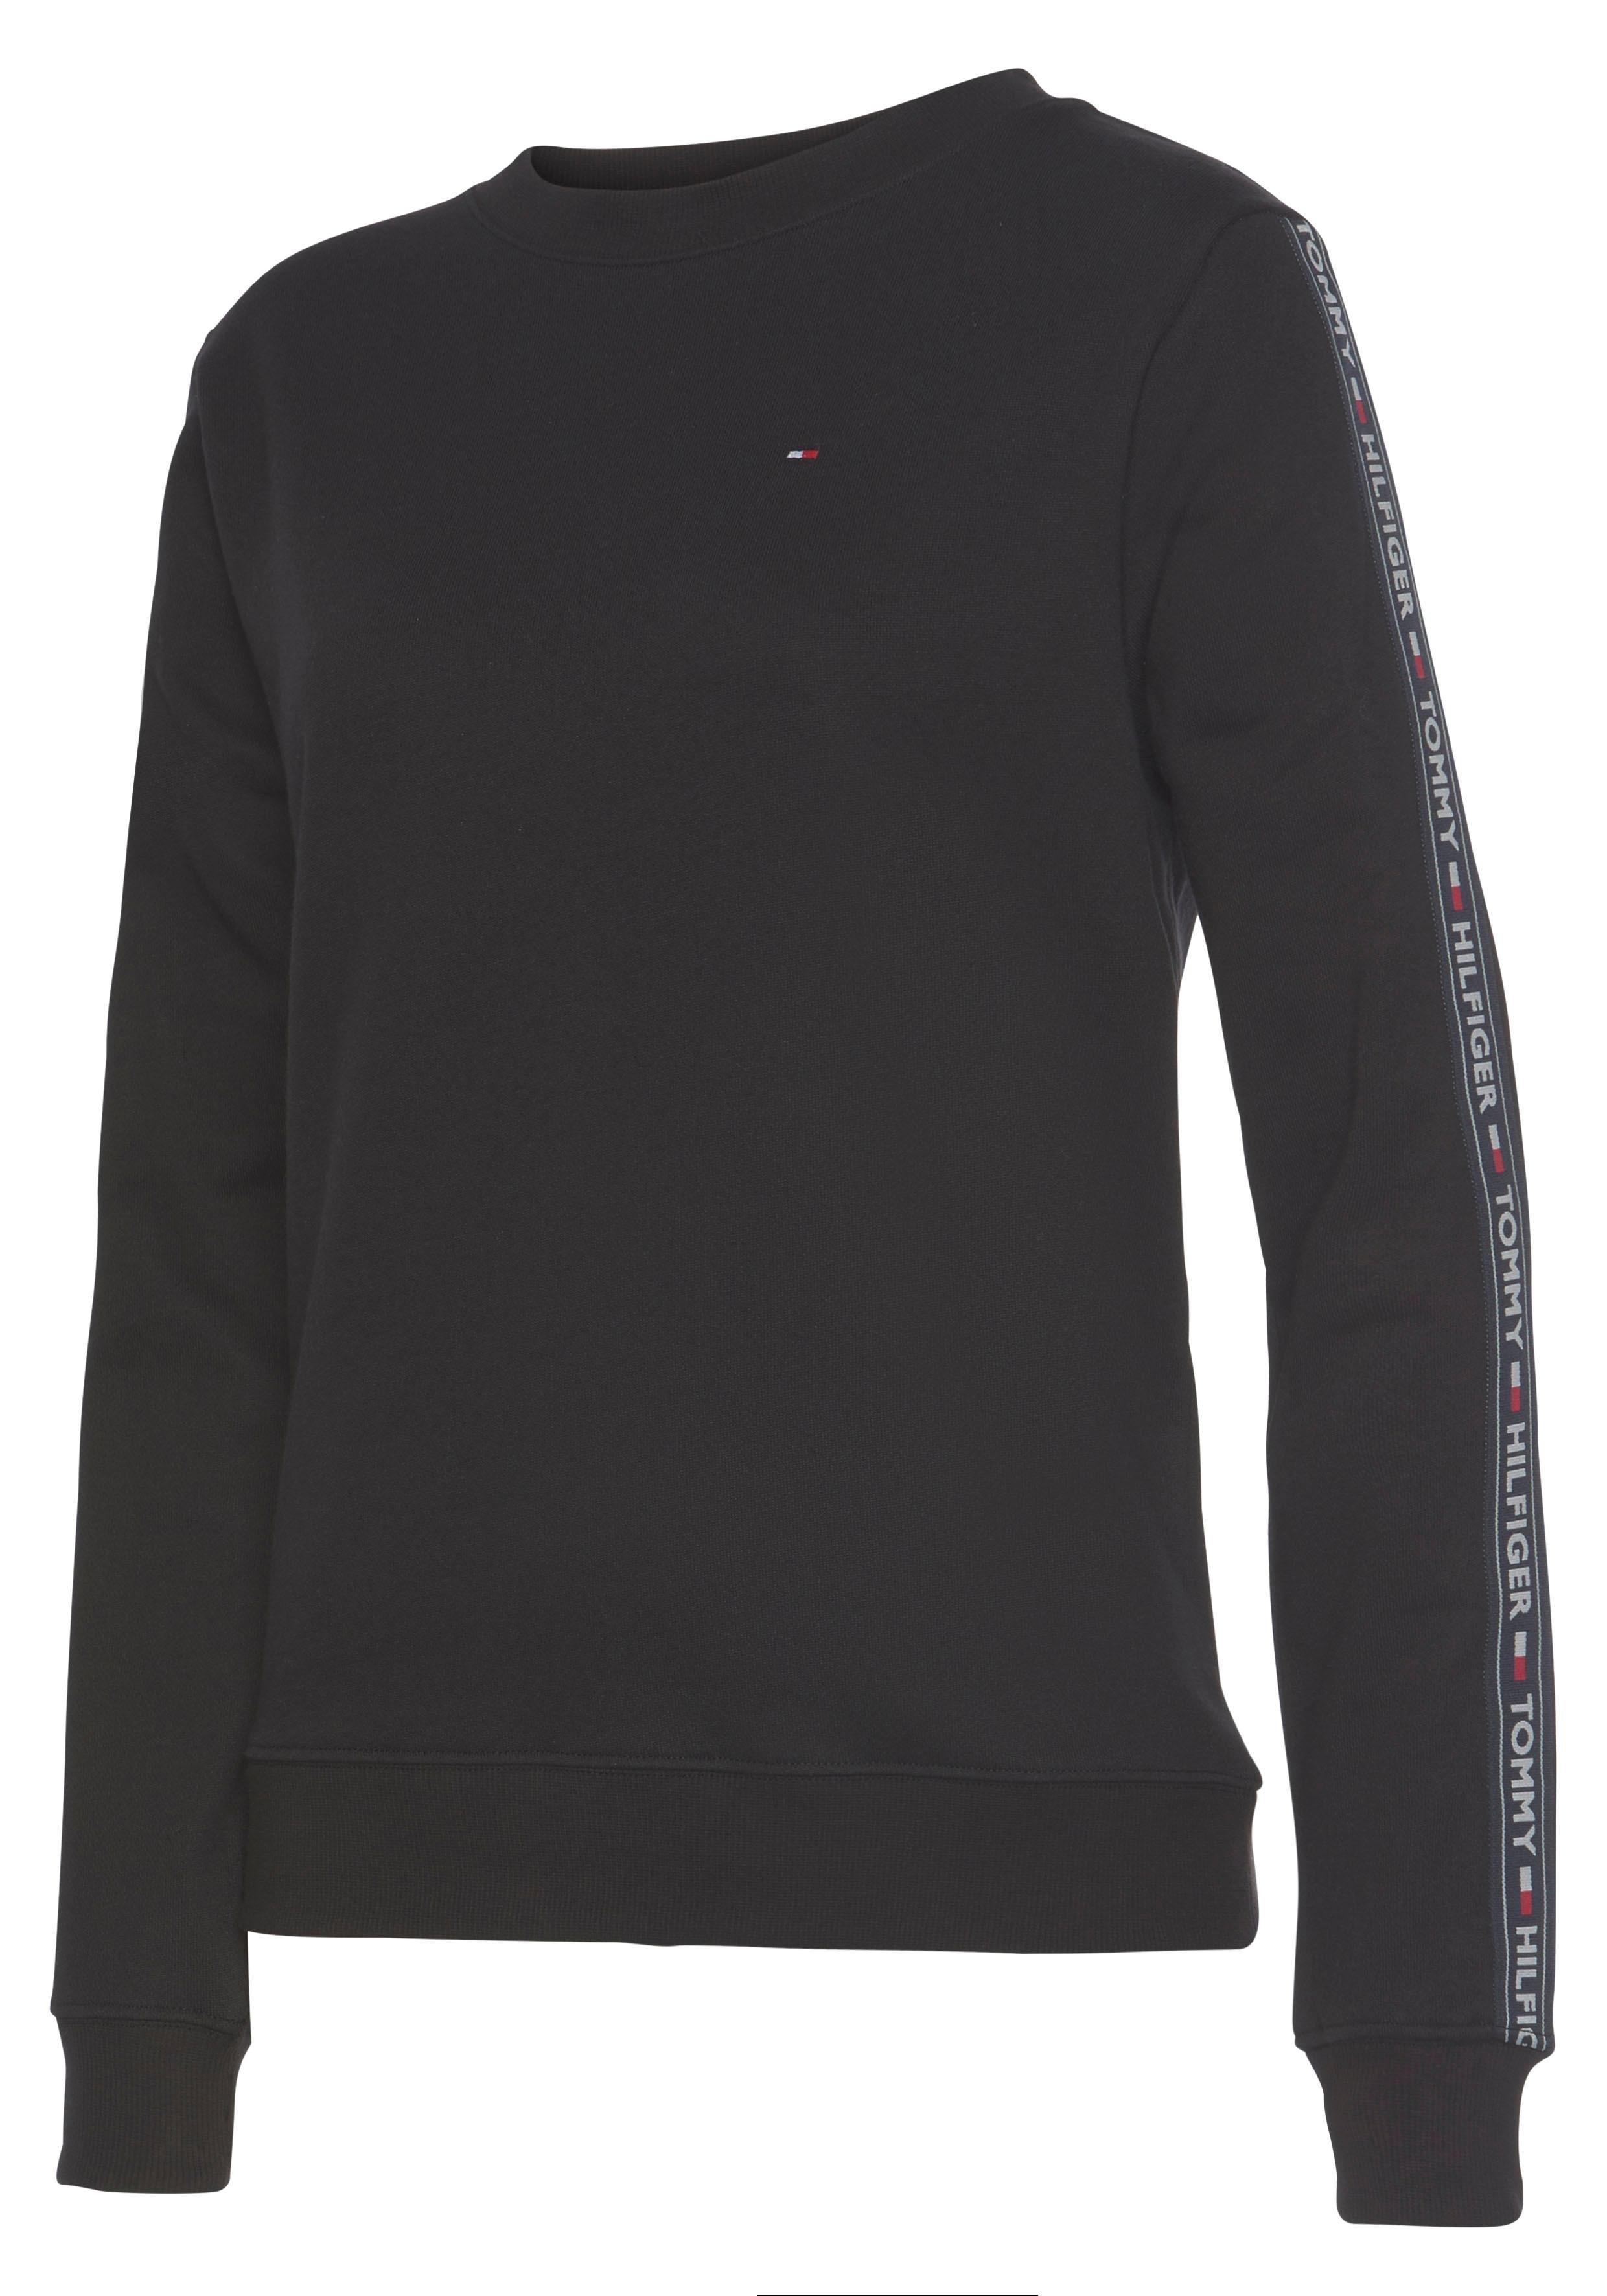 Op zoek naar een Tommy Hilfiger sweatshirt? Koop online bij Lascana